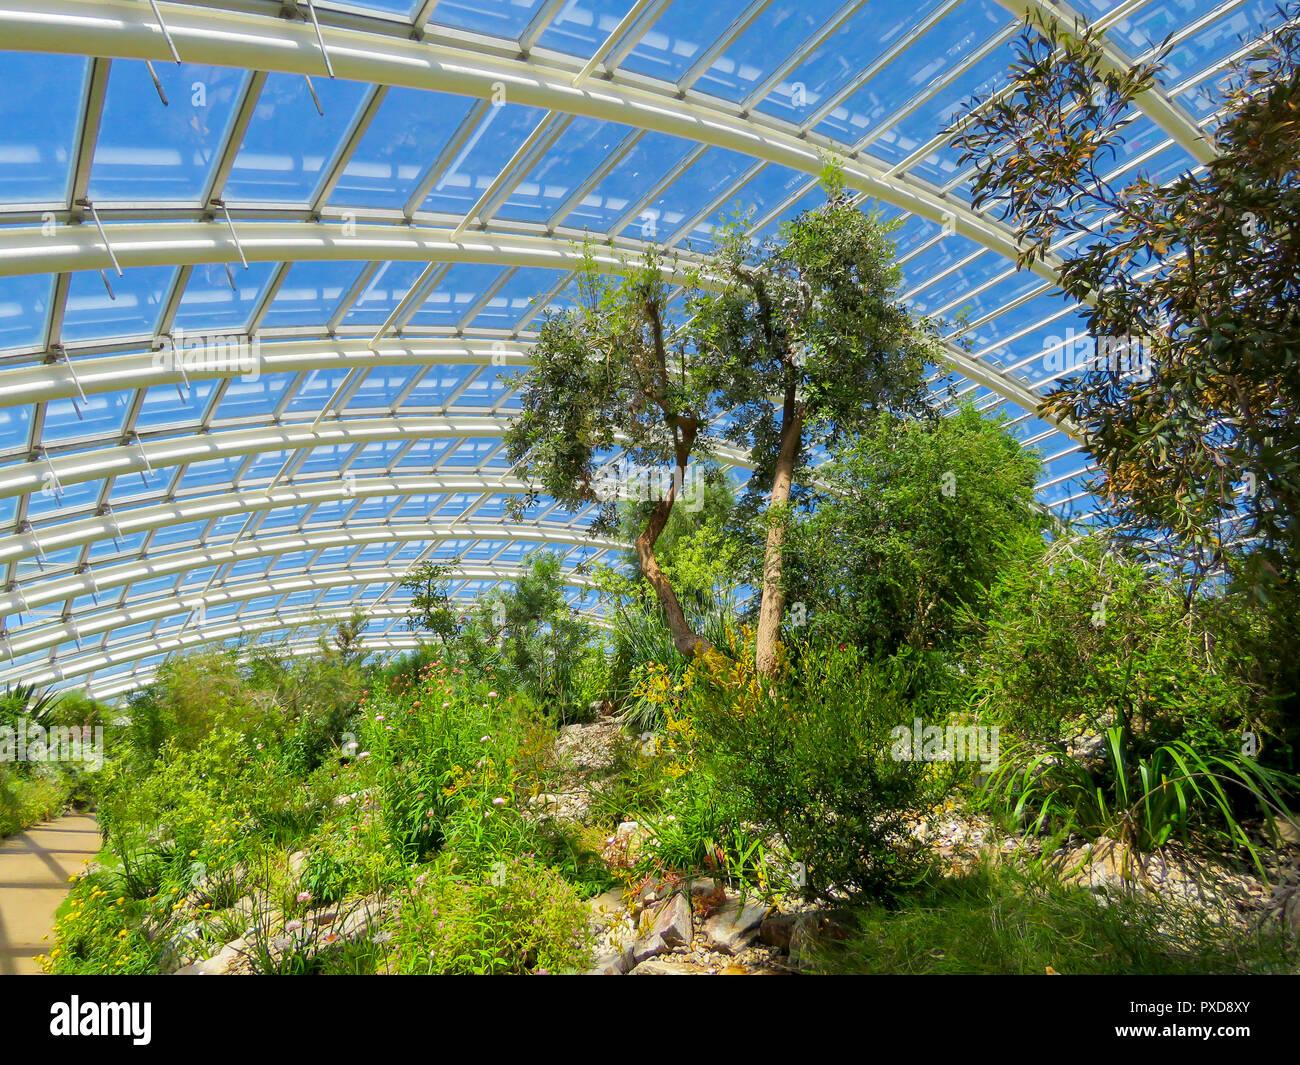 Das Grosse Gewachshaus Gewachshaus Im Botanischen Garten Von Wales